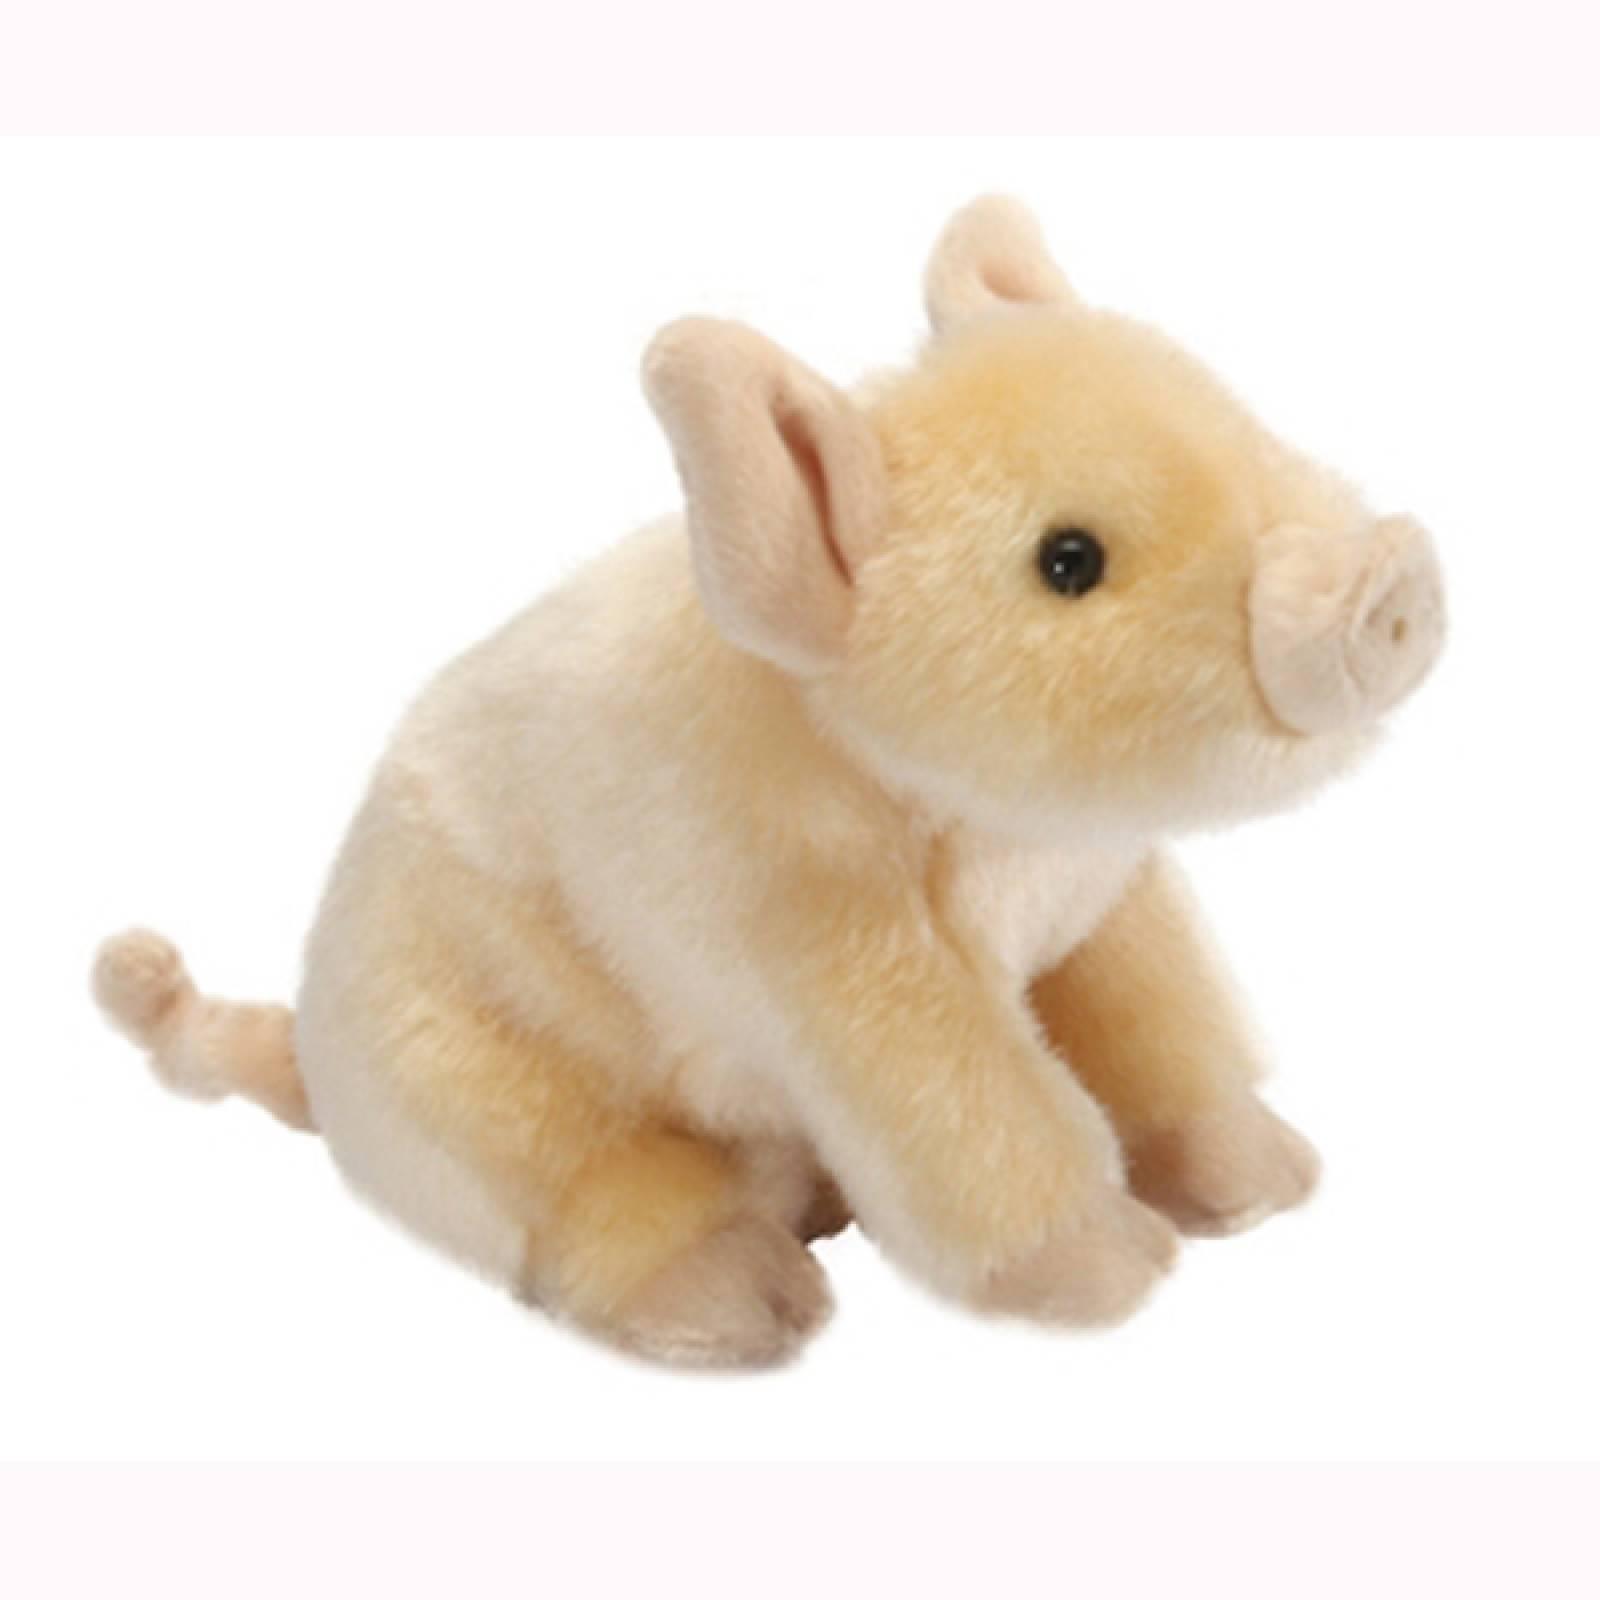 Piglet Soft Toy 20cm thumbnails